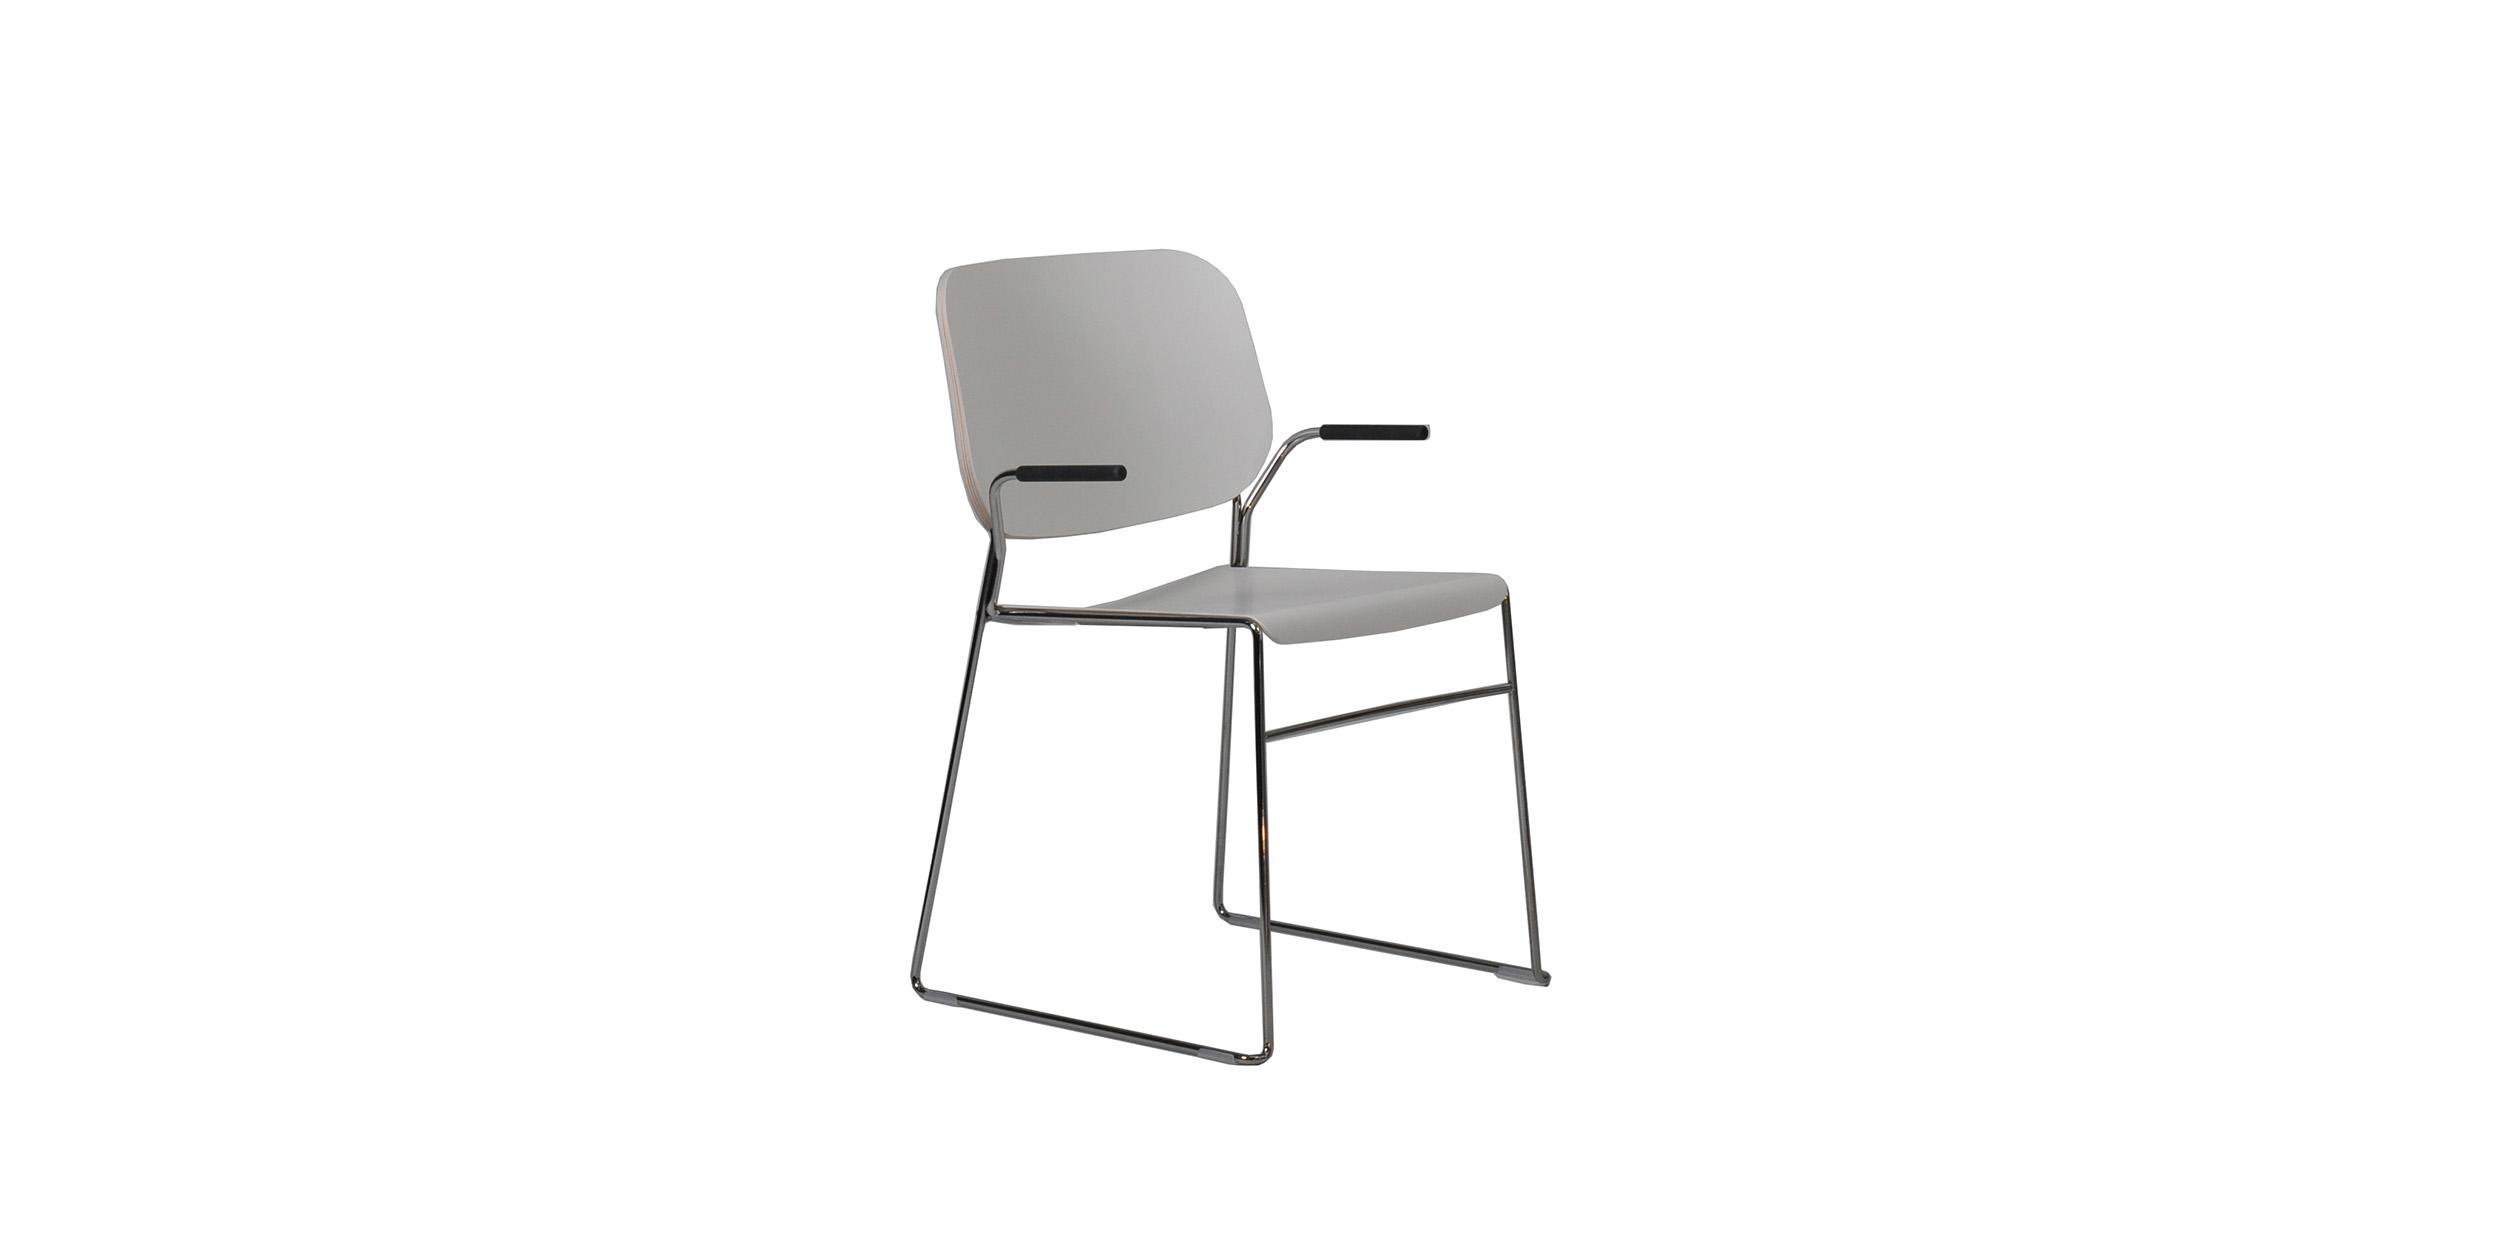 Lite, Stackable armchair by Broberg & Ridderstråle